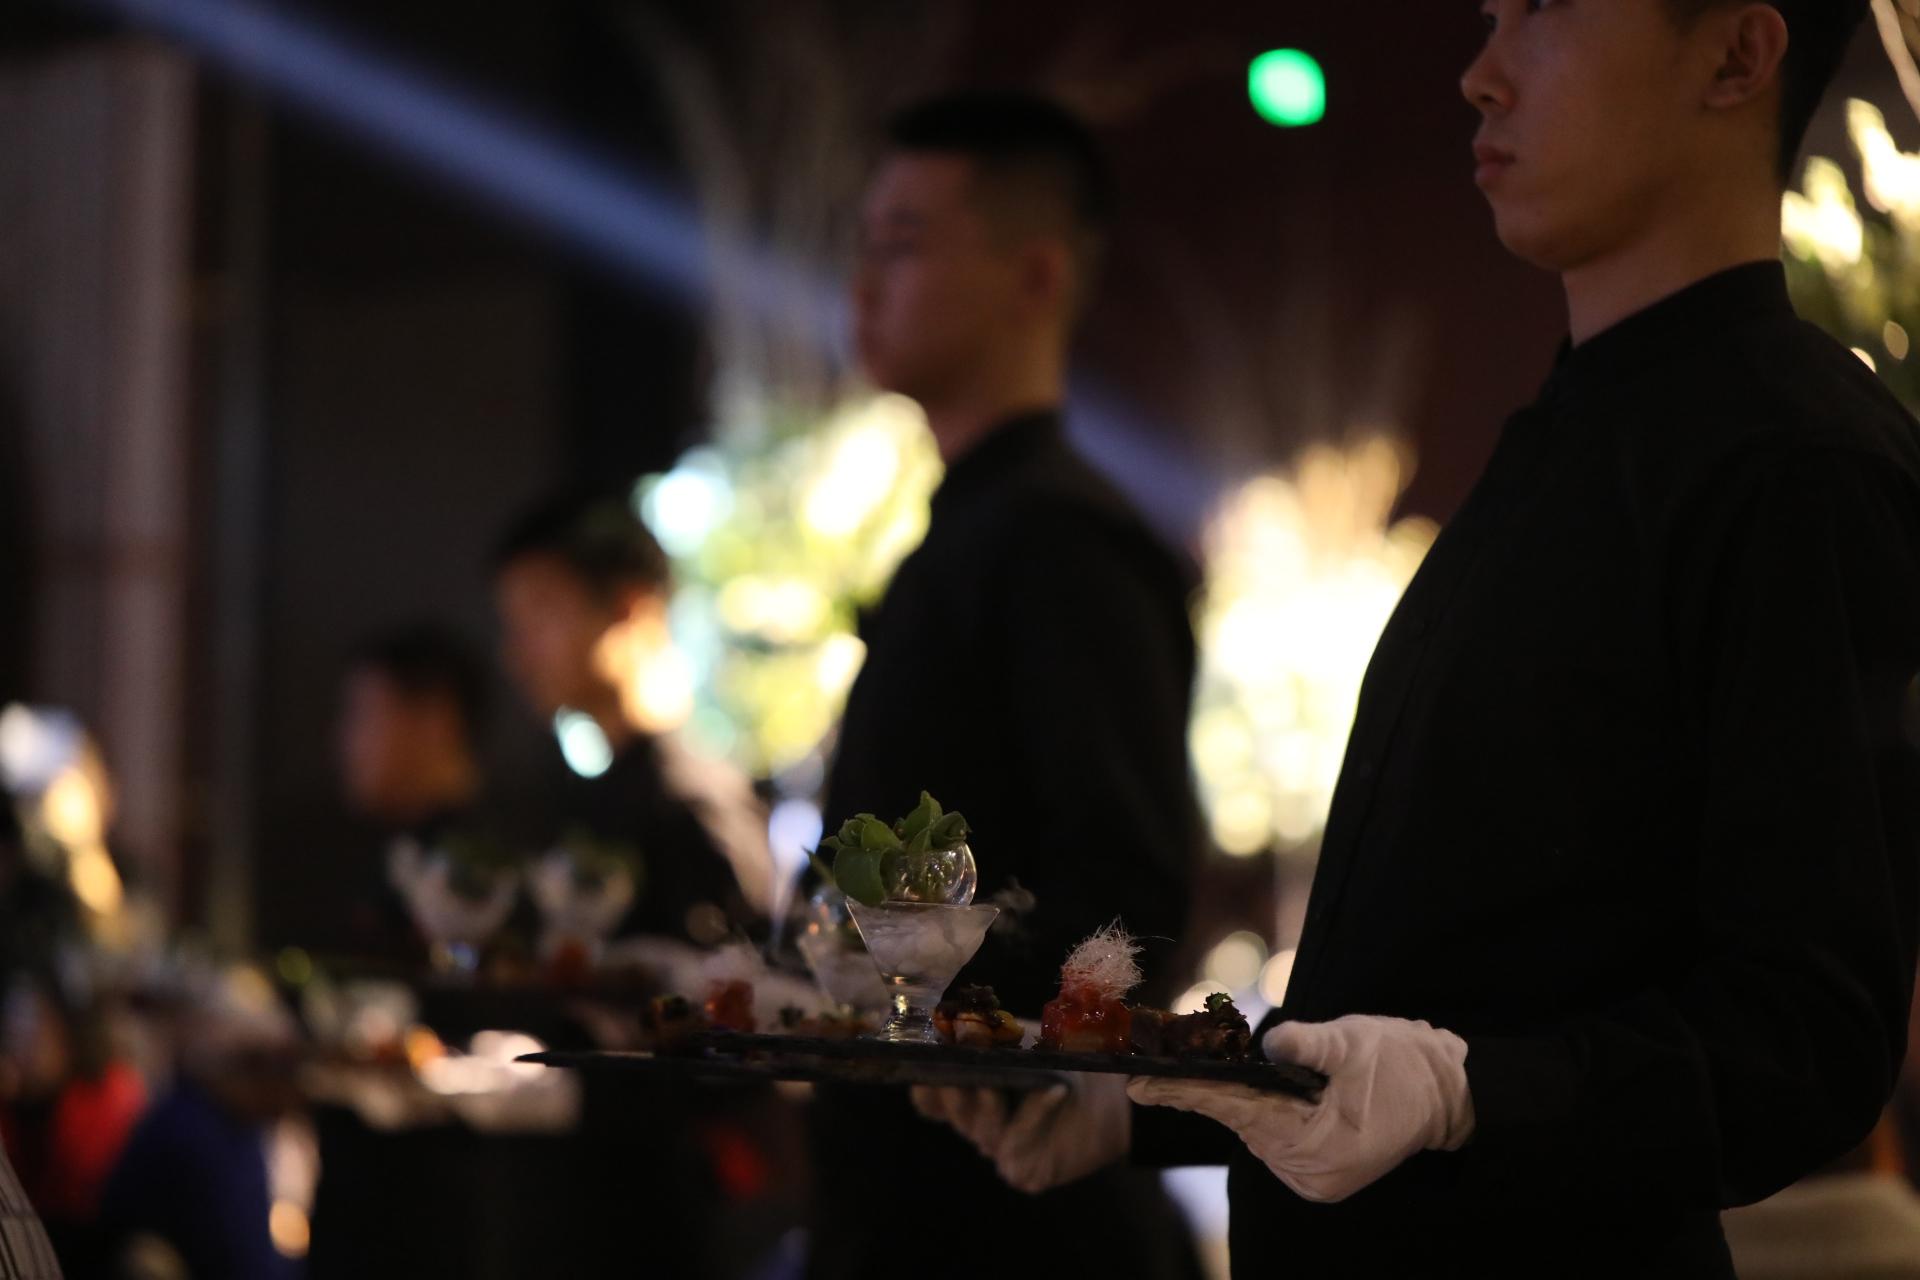 大连君悦酒店打造滨城首创真实婚宴体验式婚礼风格发布